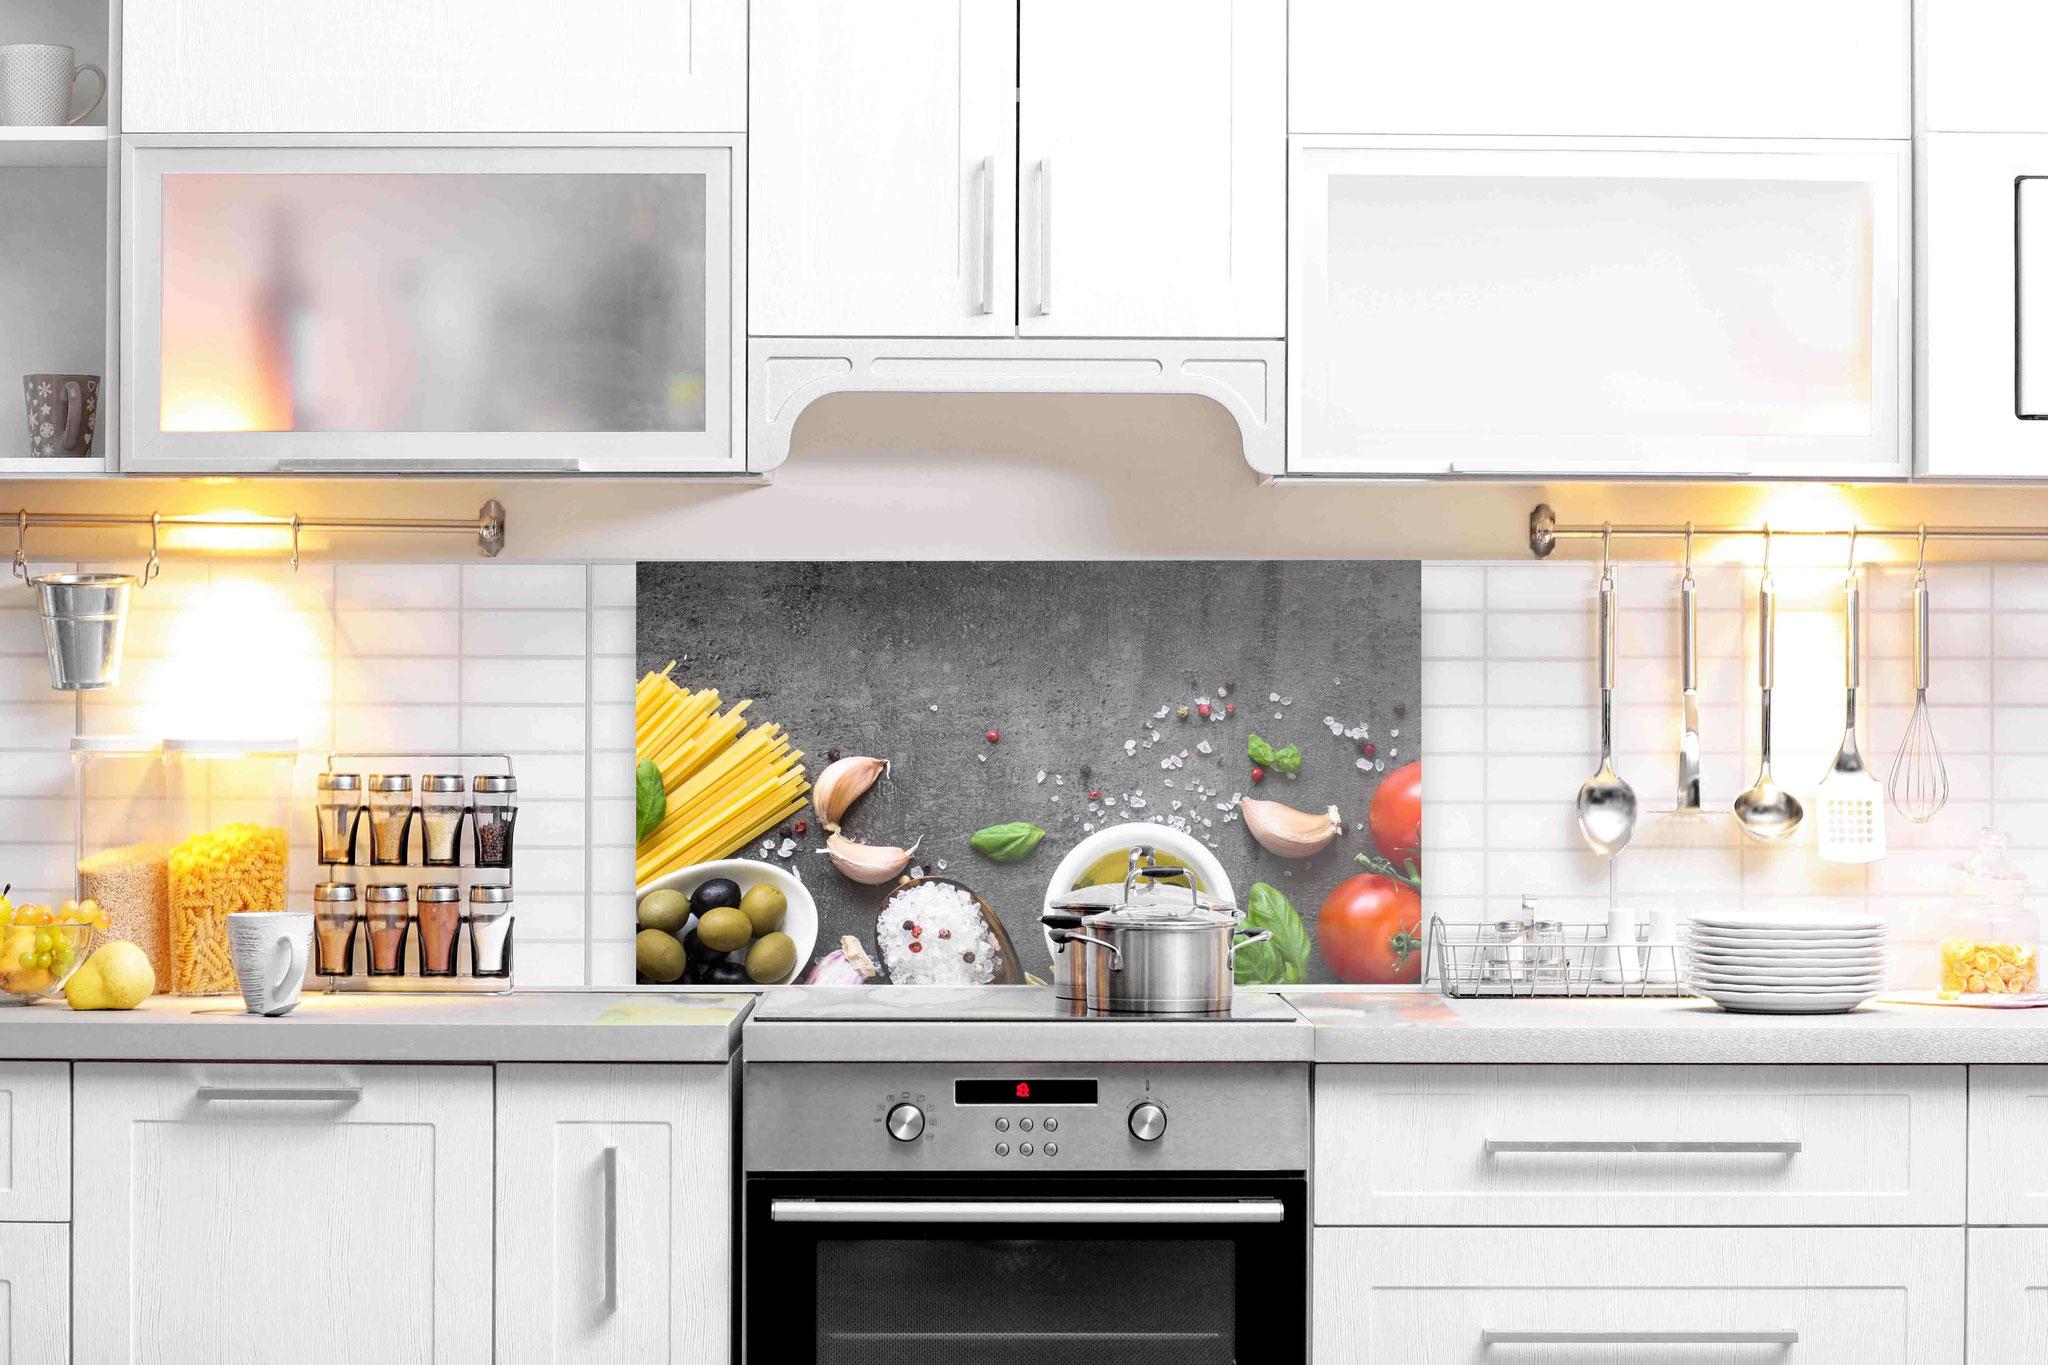 Küchenrückwand aus Glas Maßgefertigt - Sicherheitsglas beim ...